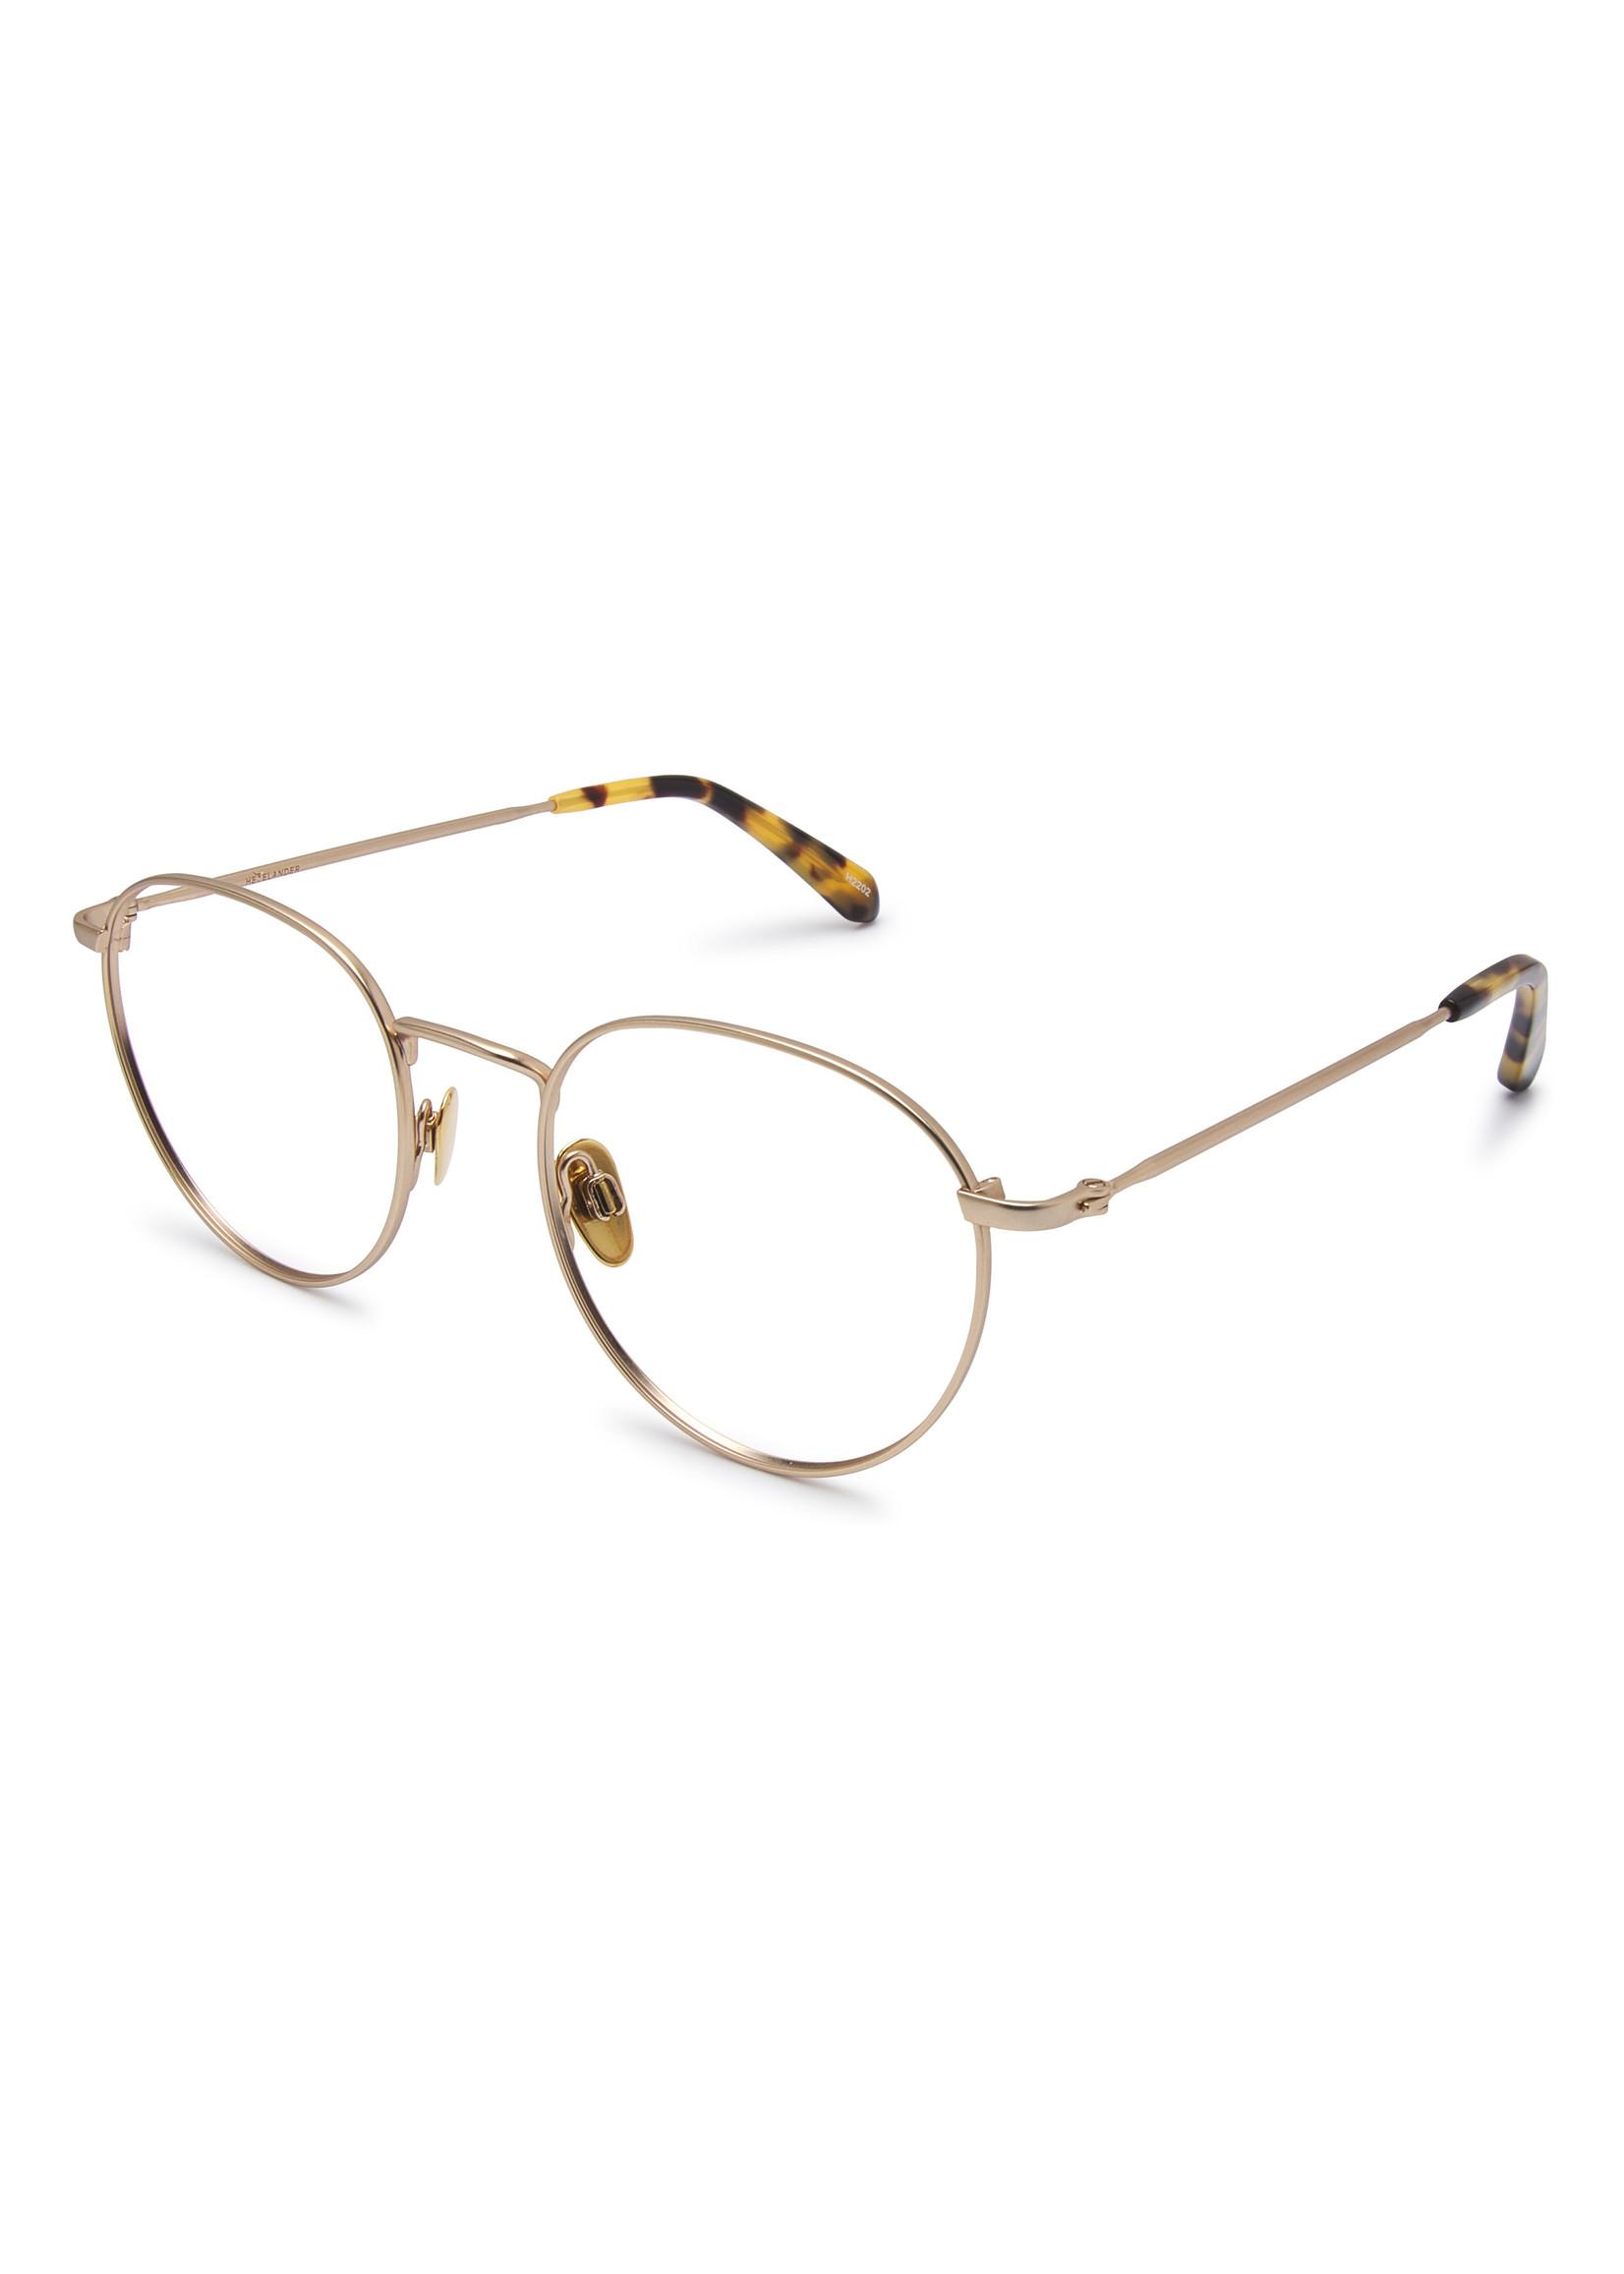 Heyelander Design Brillen  Heyelander Desigh Leesbril Boyd Titanium in light gold